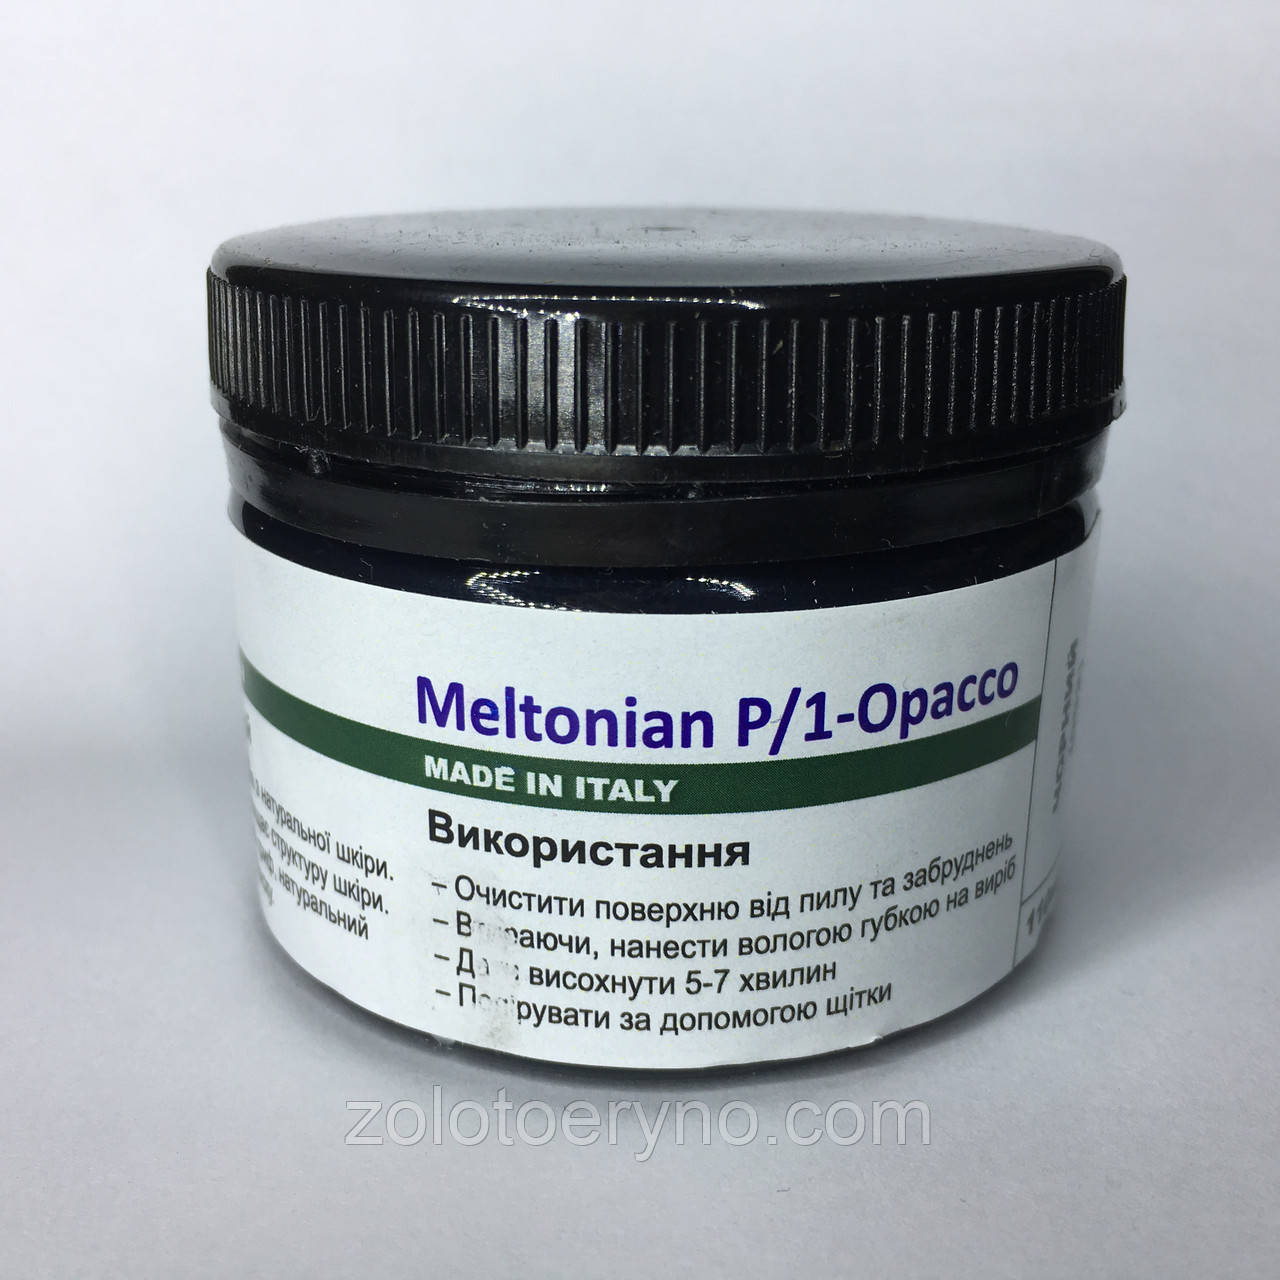 Meltonian P/1-Opaco крем для изделий из кожи 100мл 002 черный